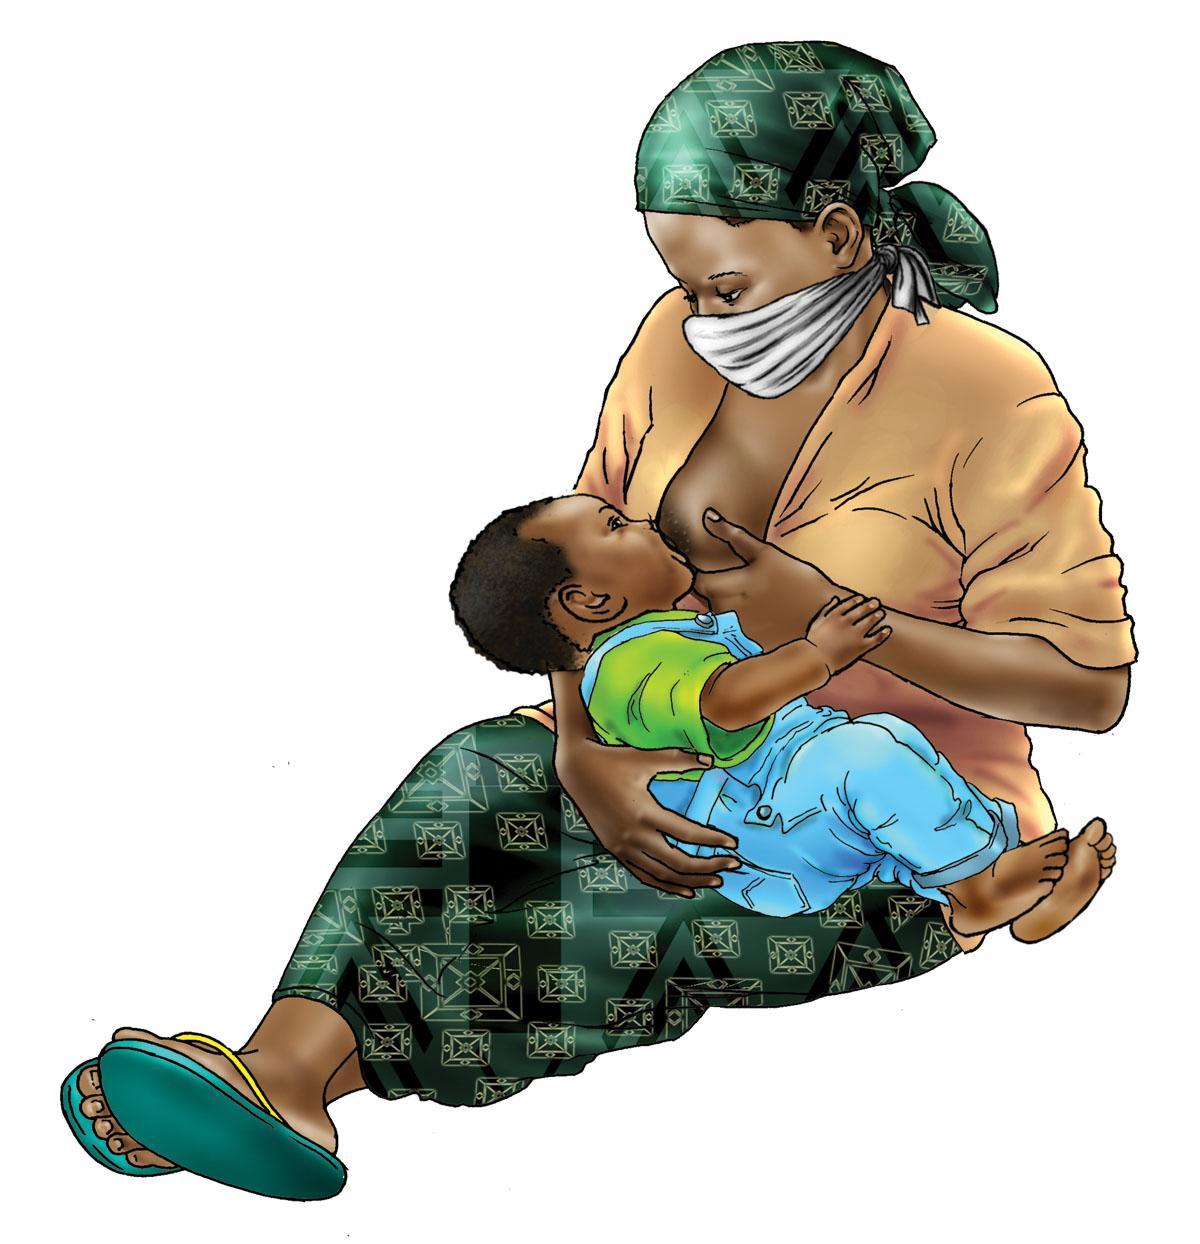 Breastfeeding - Breastfeeding 9-12mo - 05 - COVID